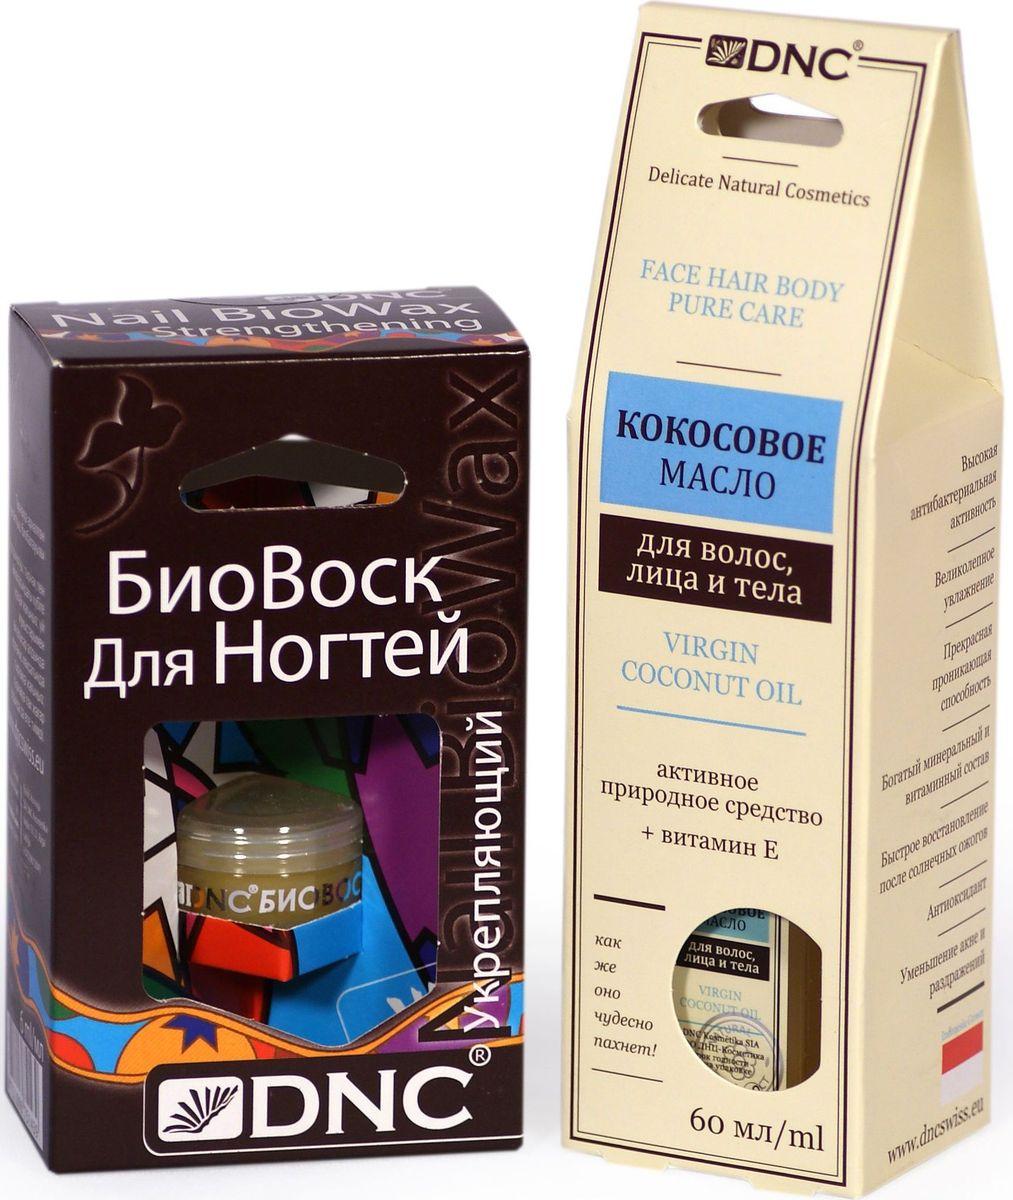 Фото - DNC Набор: Кокосовое масло, 60 мл, биовоск укрепляющий, 6 мл dnc набор кокосовое масло 60 мл гиалуроновая кислота 3 мл